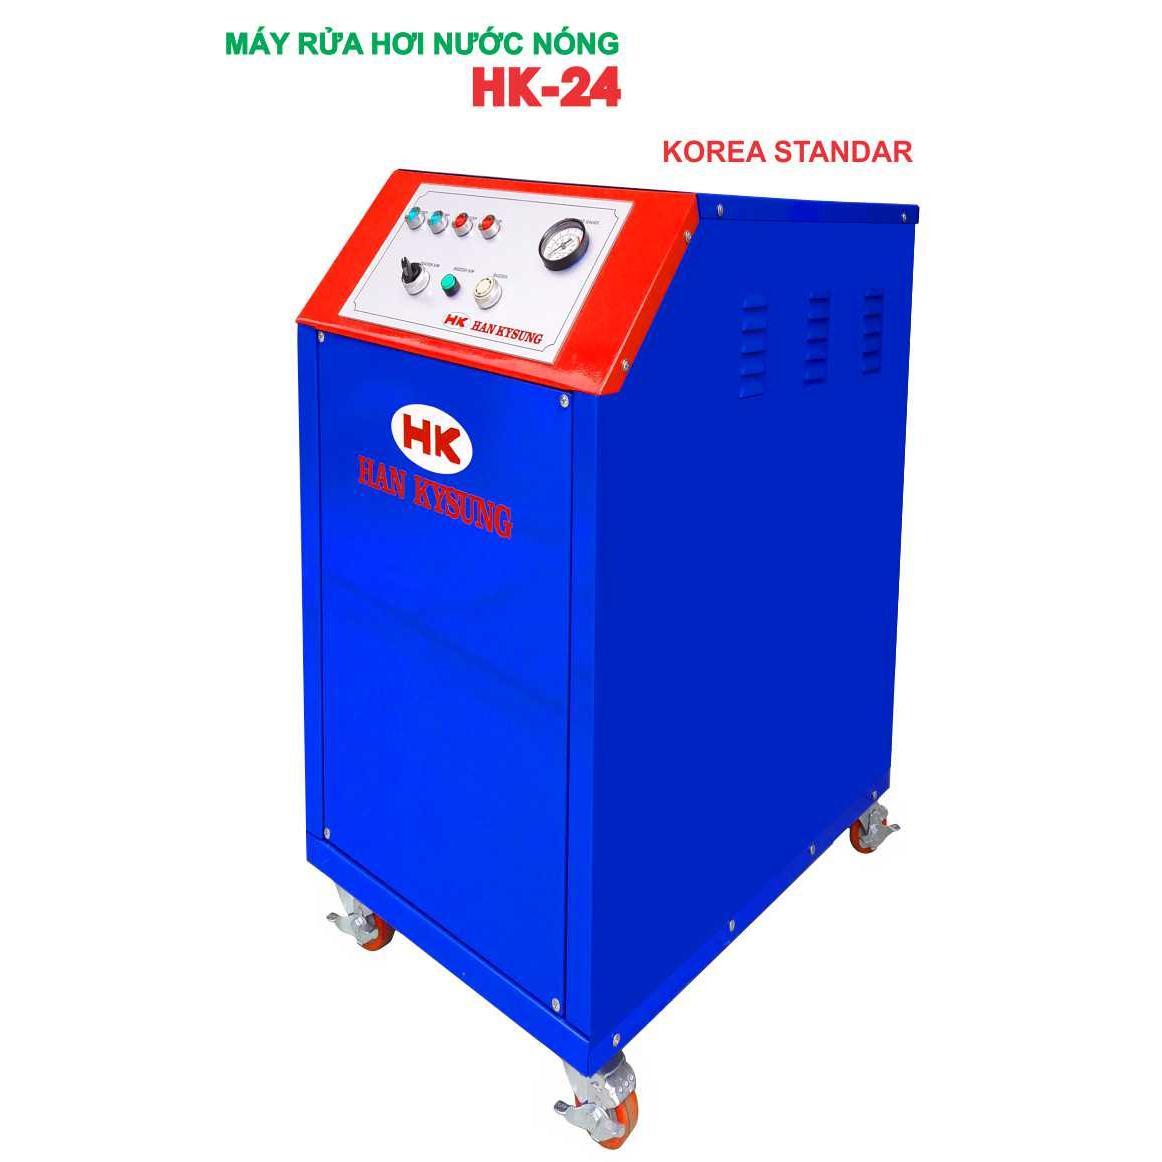 Máy rửa xe bằng hơi nước nóng HK-24